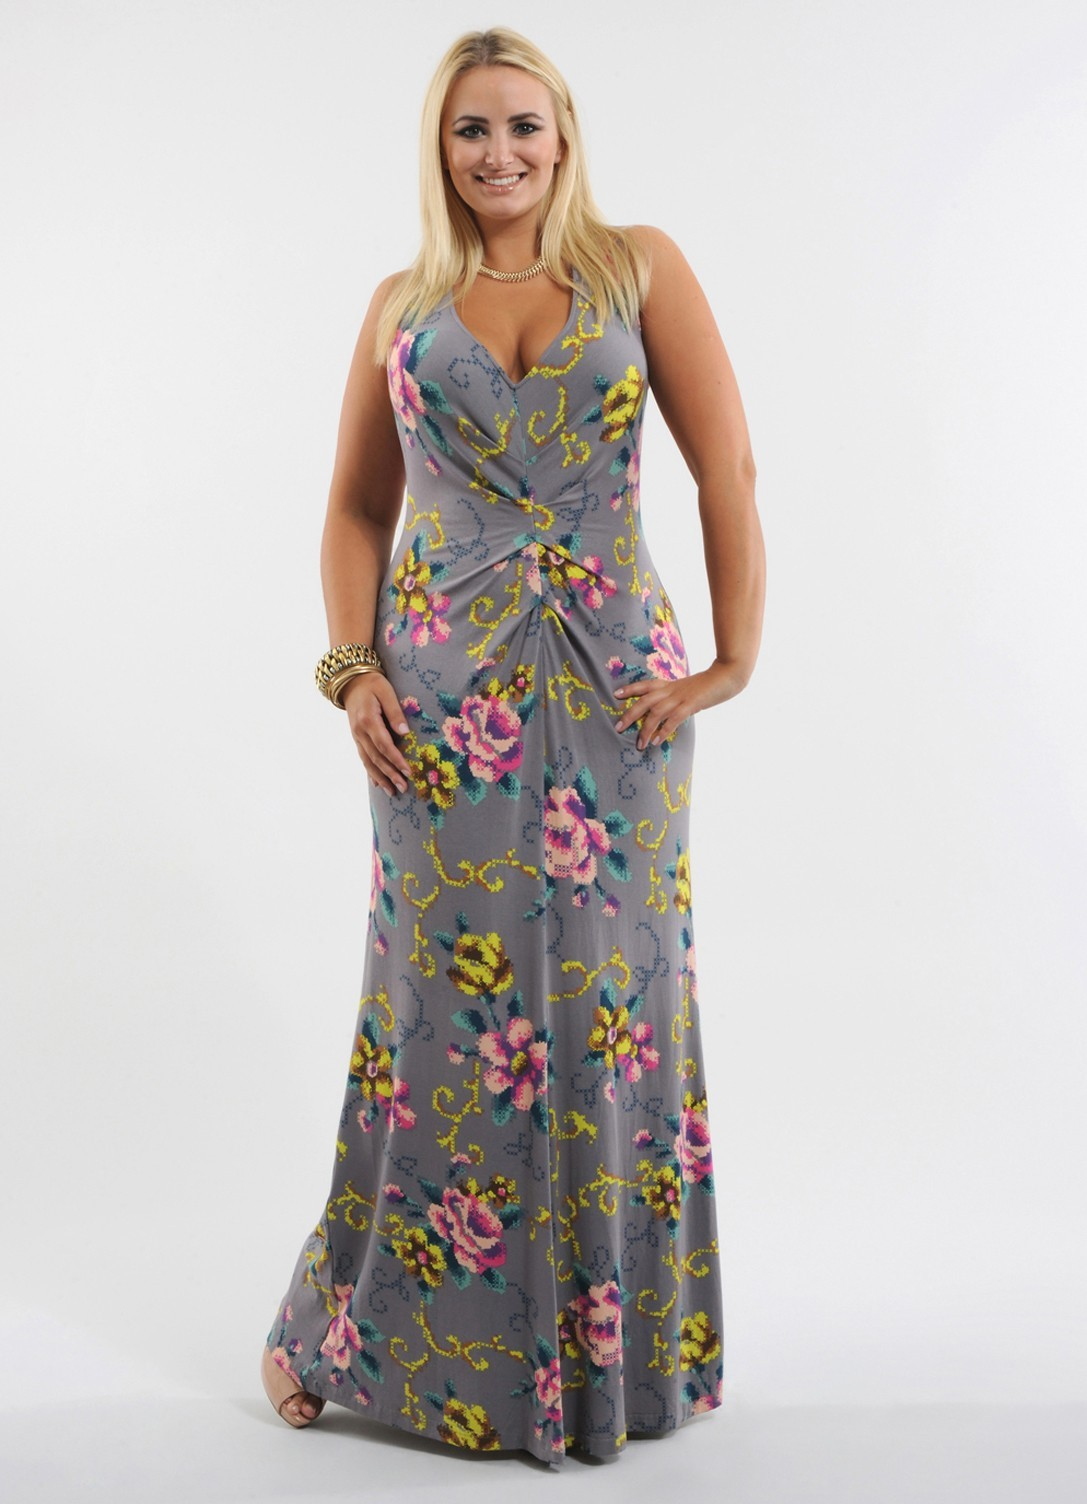 купить платье с рисунком в украине